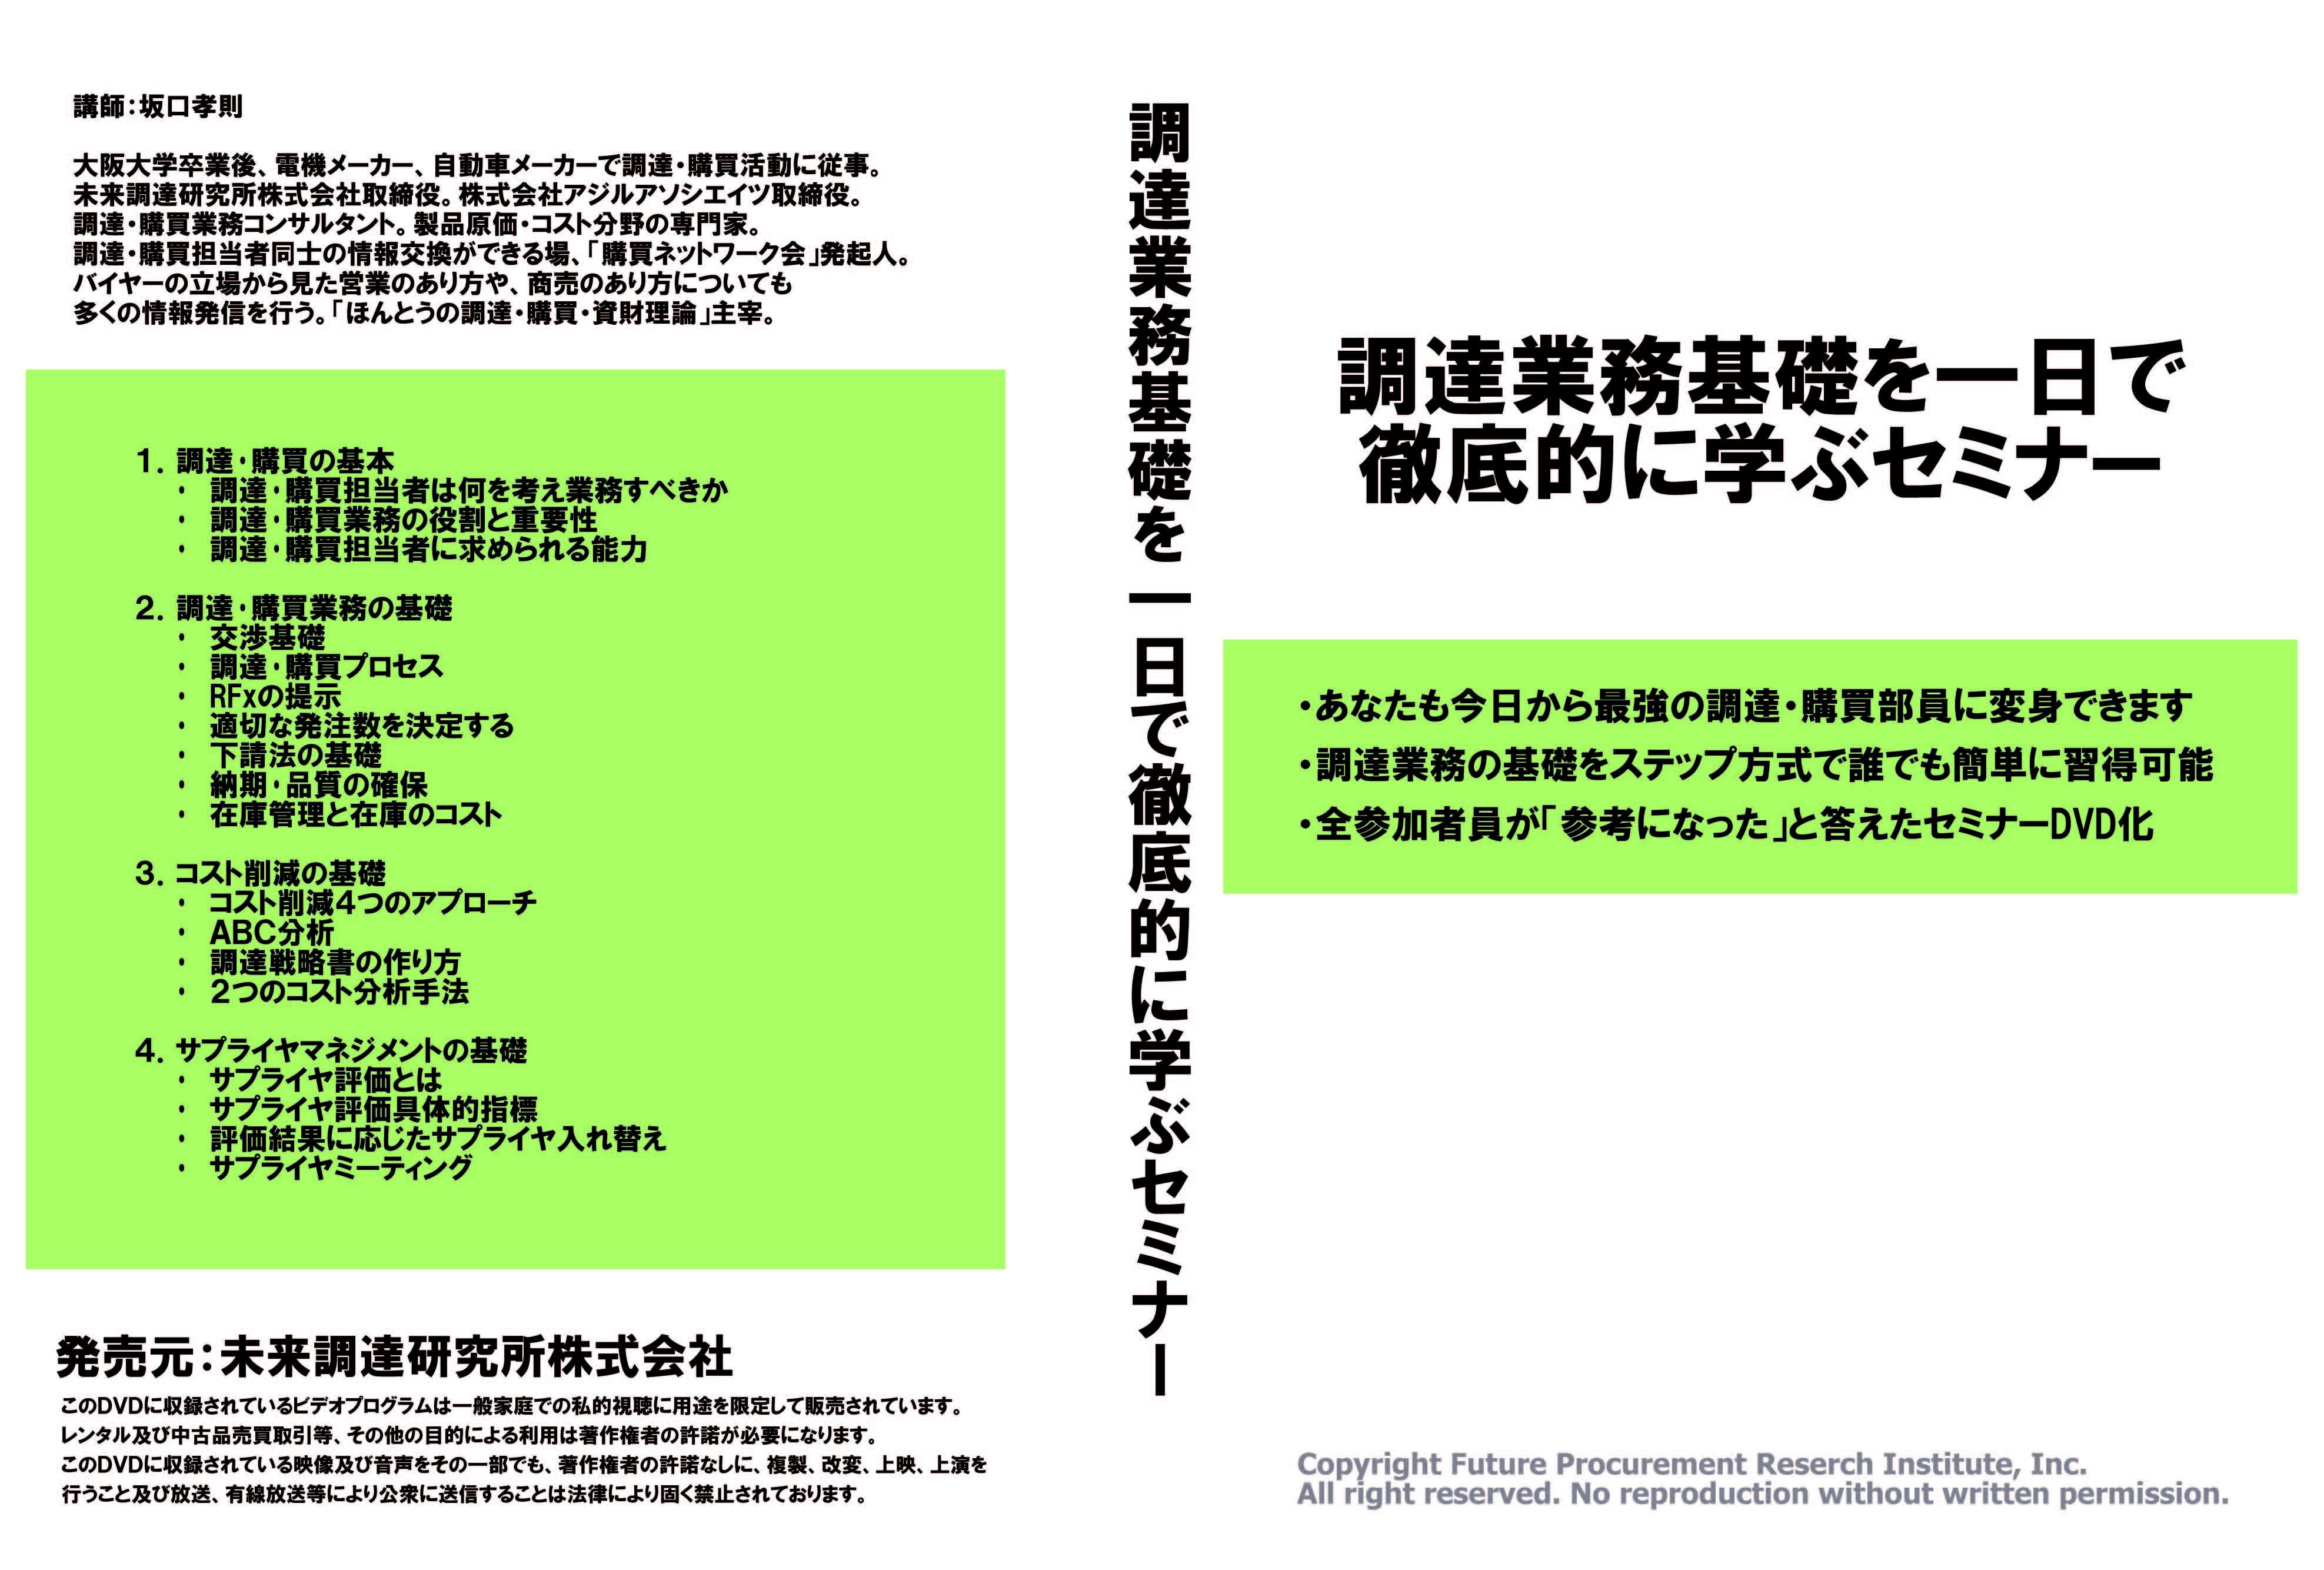 DVD全3巻セット「調達業務基礎を一日で徹底的に学ぶセミナー」(DVD+テキスト)